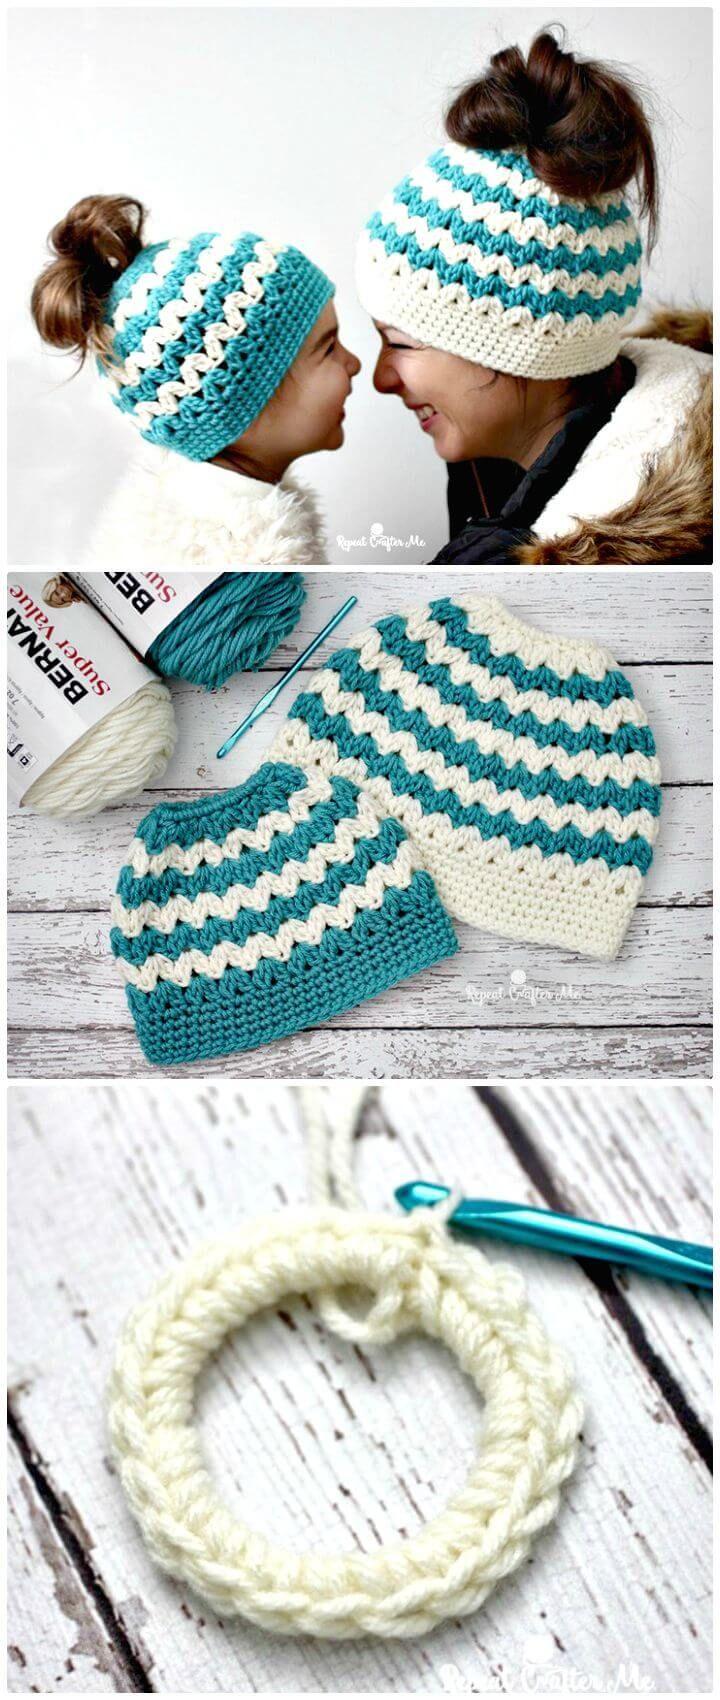 20 Free Crochet Messy Bun Hat Patterns #messybunhat